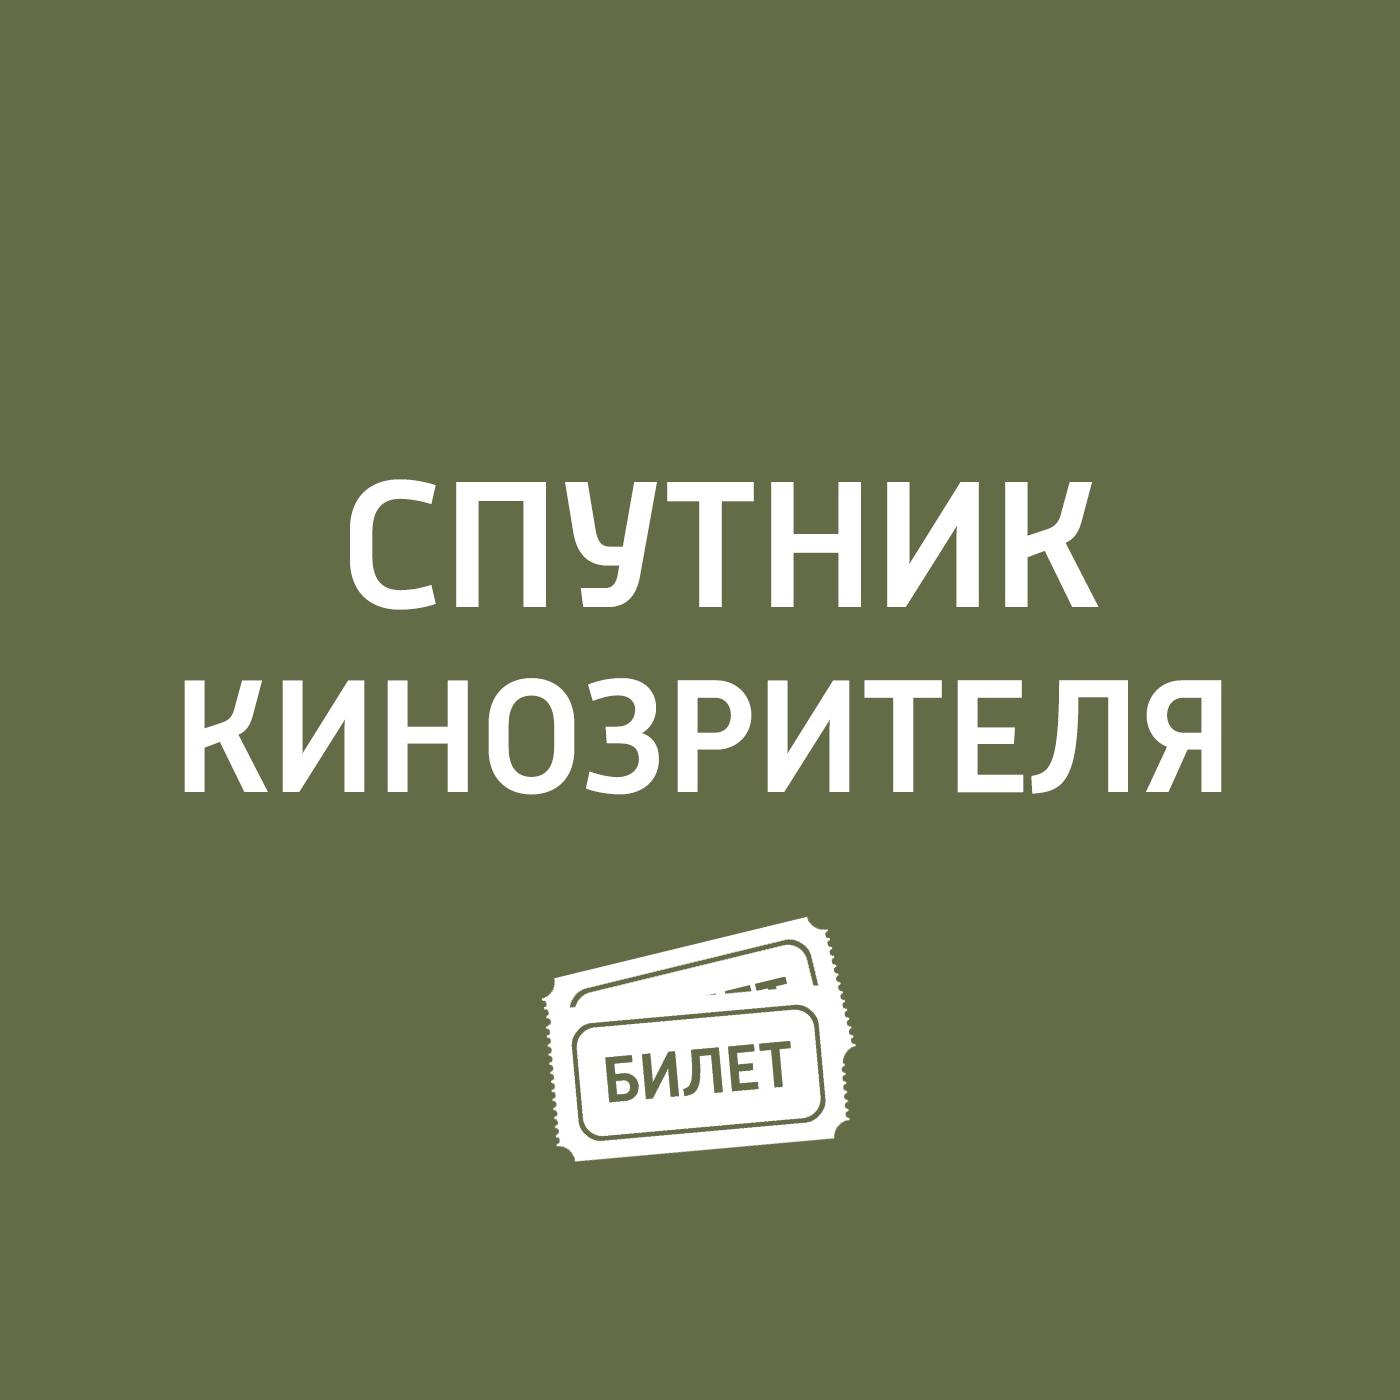 Антон Долин Цимбелин, «Духless 2, «Снайпер, «Сияние, «Психо цимбелин